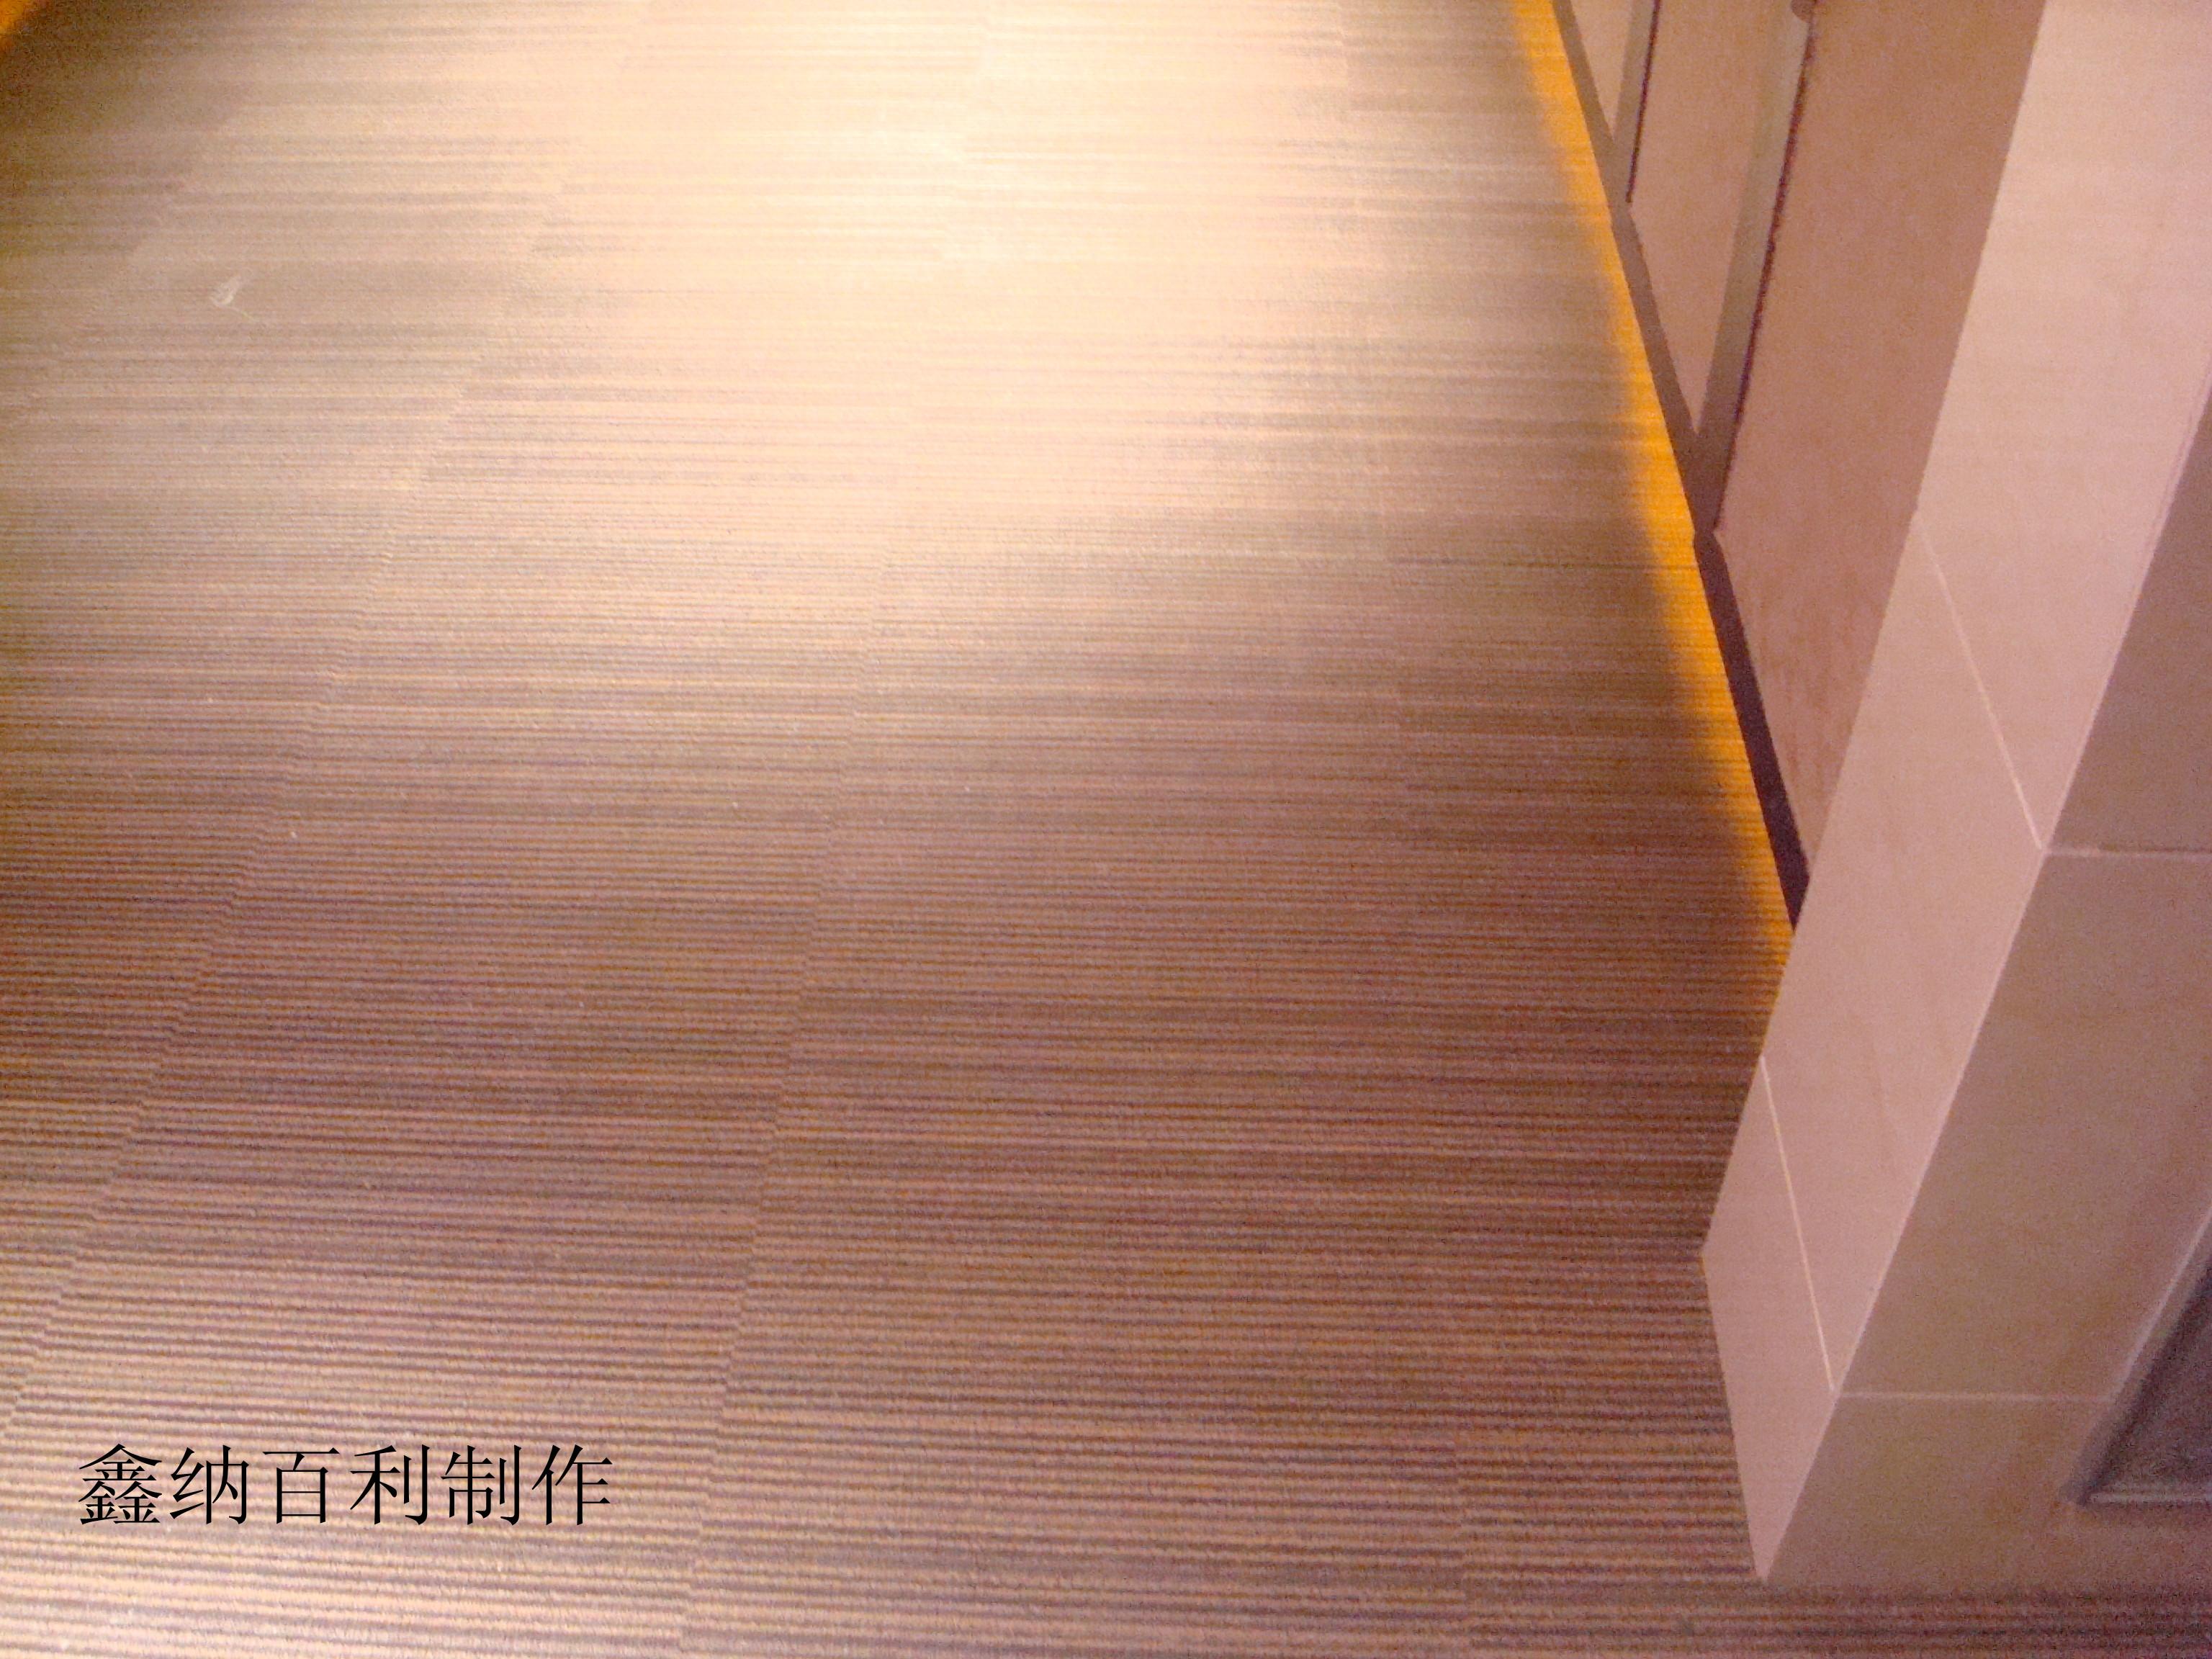 塑胶地板施工效果图(6)